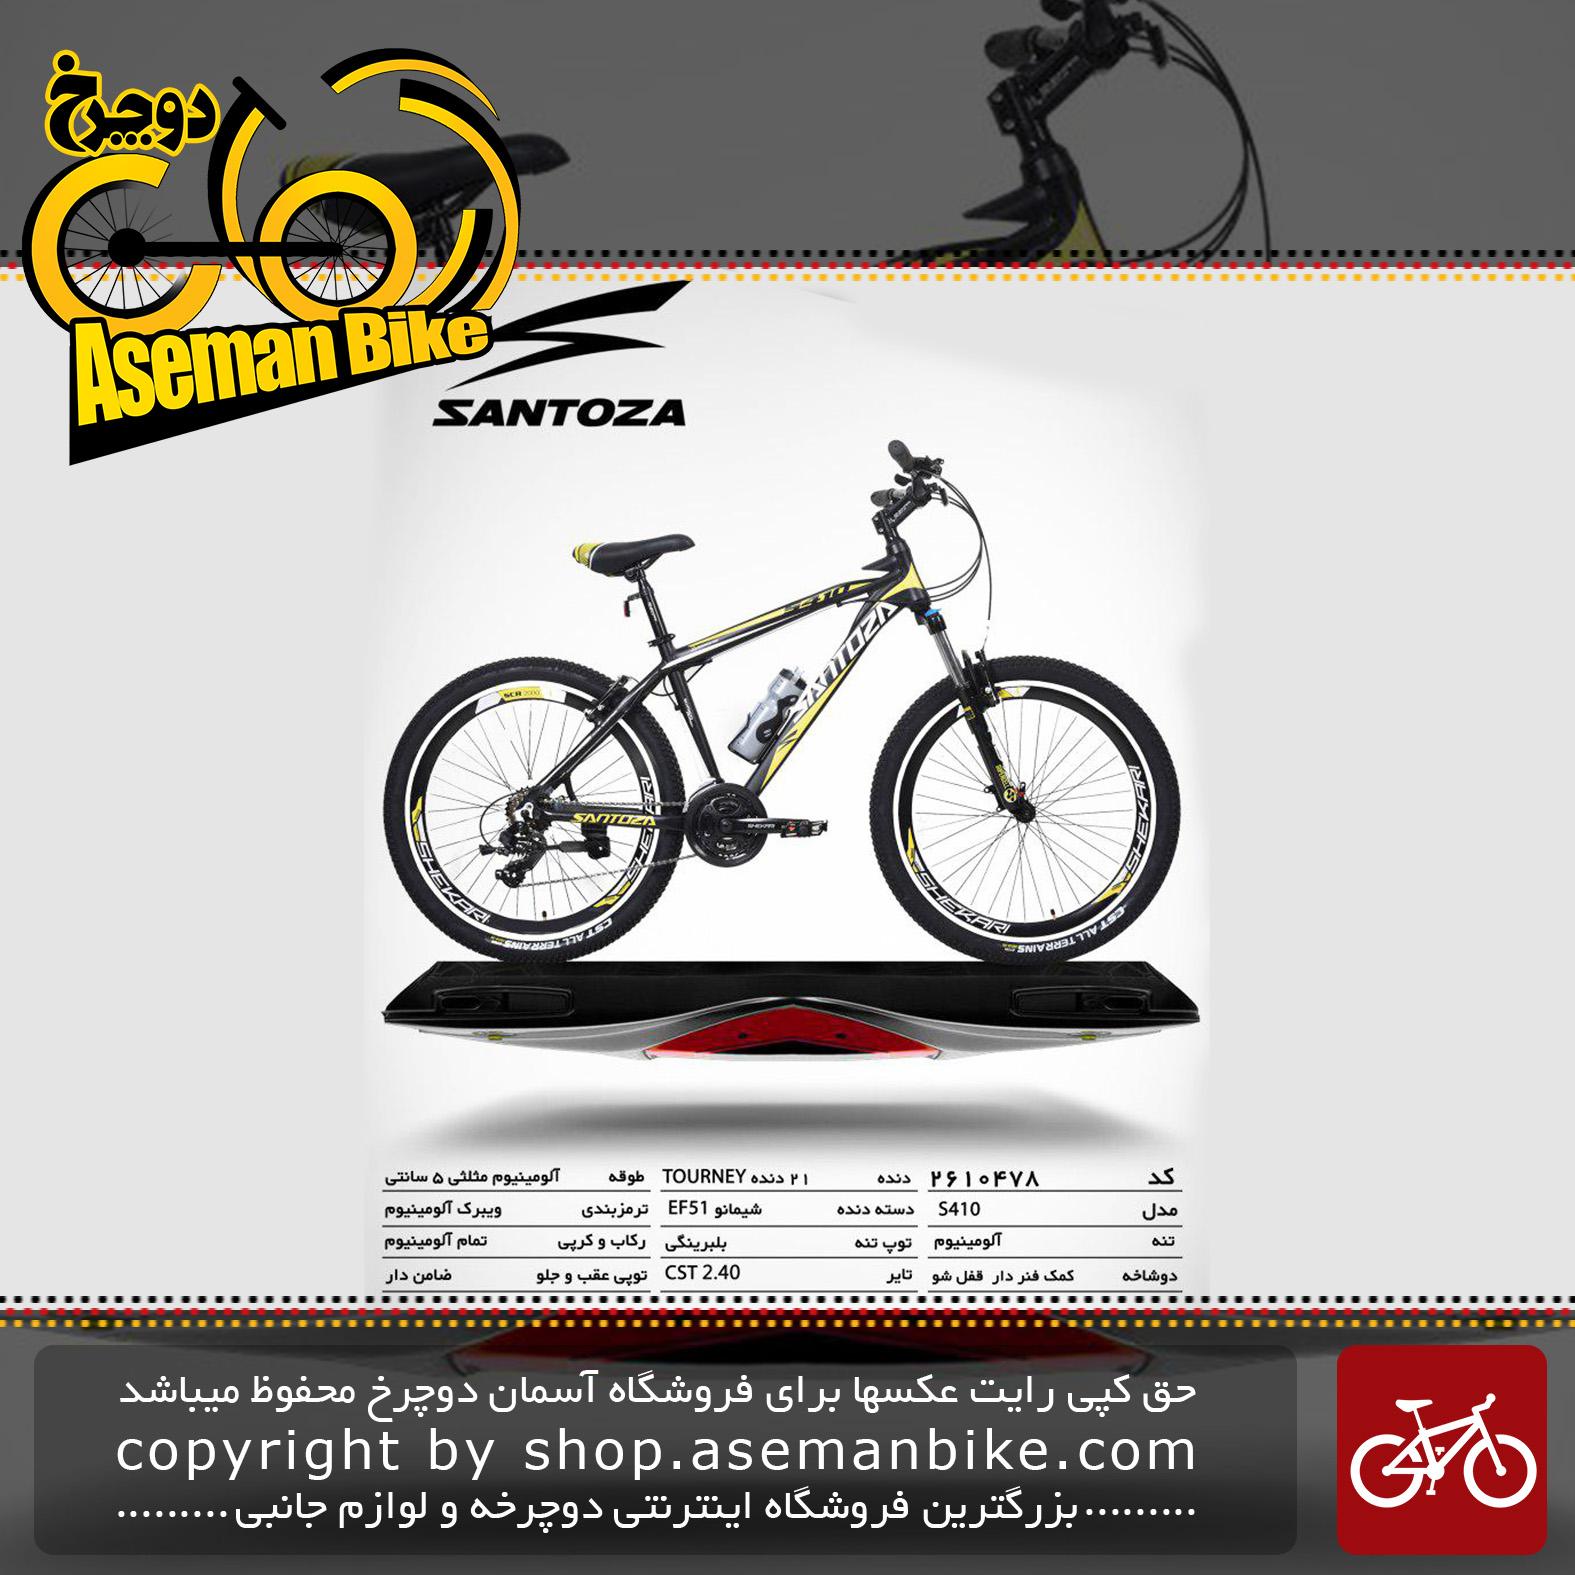 دوچرخه کوهستان سانتوزا 21 دنده شیمانو تورنی تنه آلومینیوم سایز 26مدل اس410 santoza bicycle 26 21 speed shimano tourney tz aluminum vb s410 2019